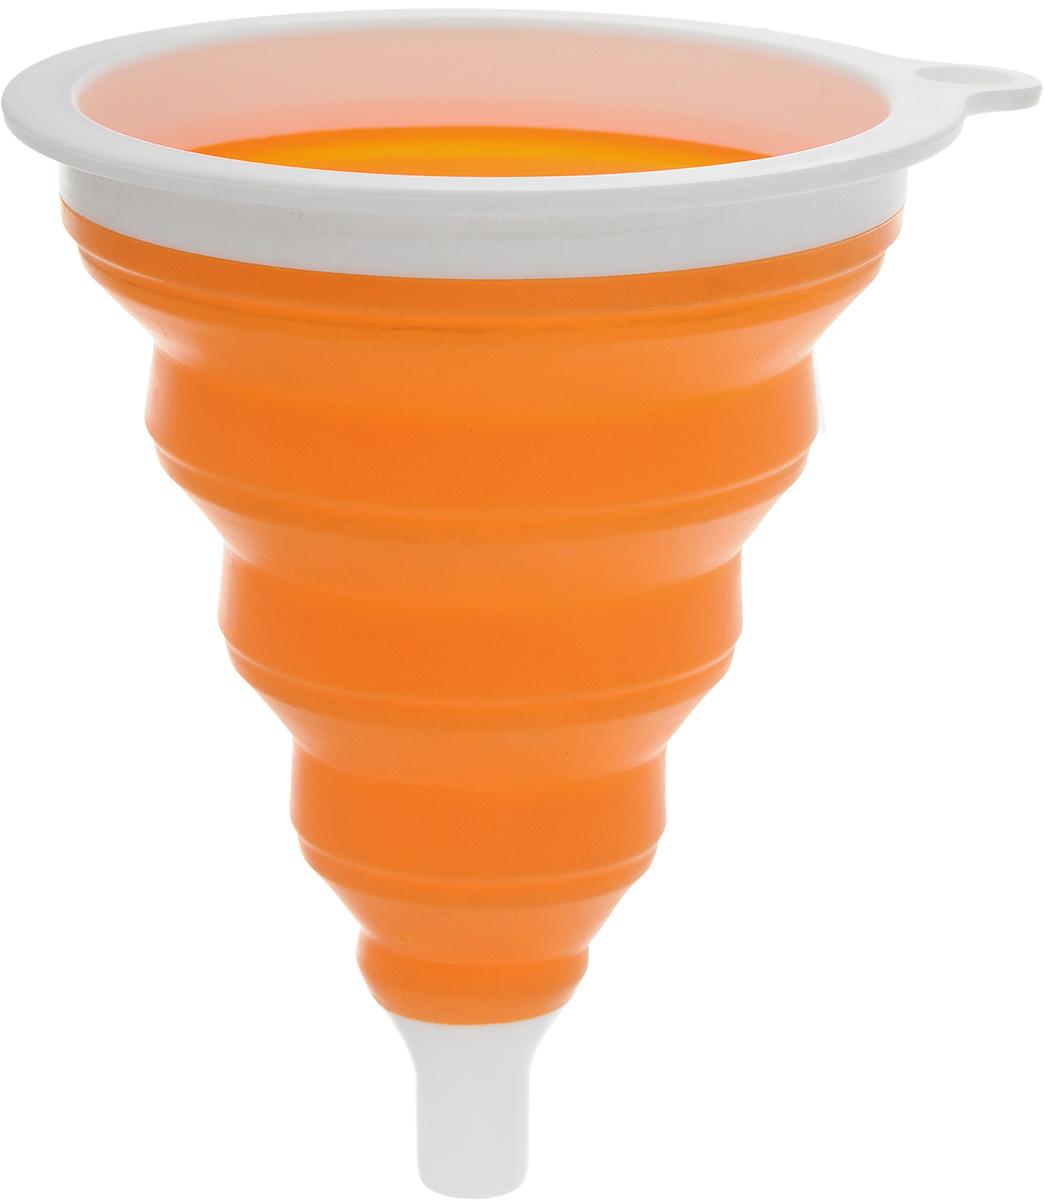 Воронка Oursson, силиконовая, складная, цвет: оранжевый, белый, 12 х 12 х 15 см54 009312Воронка Oursson изготовлена из высококачественного экологически чистого пищевого силикона. Предназначена для переливания как холодных, так и горячих жидкостей, а также для пересыпания сыпучих продуктов - соли, сухих приправ и т.д. Благодаря уникальной складывающейся конструкции подходит под емкости с различным диаметром горлышка и занимает мало места при хранении.Силикон выдерживает температуру от -20°С до +220°С. Можно мыть в посудомоечной машине.Размеры воронки: 12 х 12 х 15 см